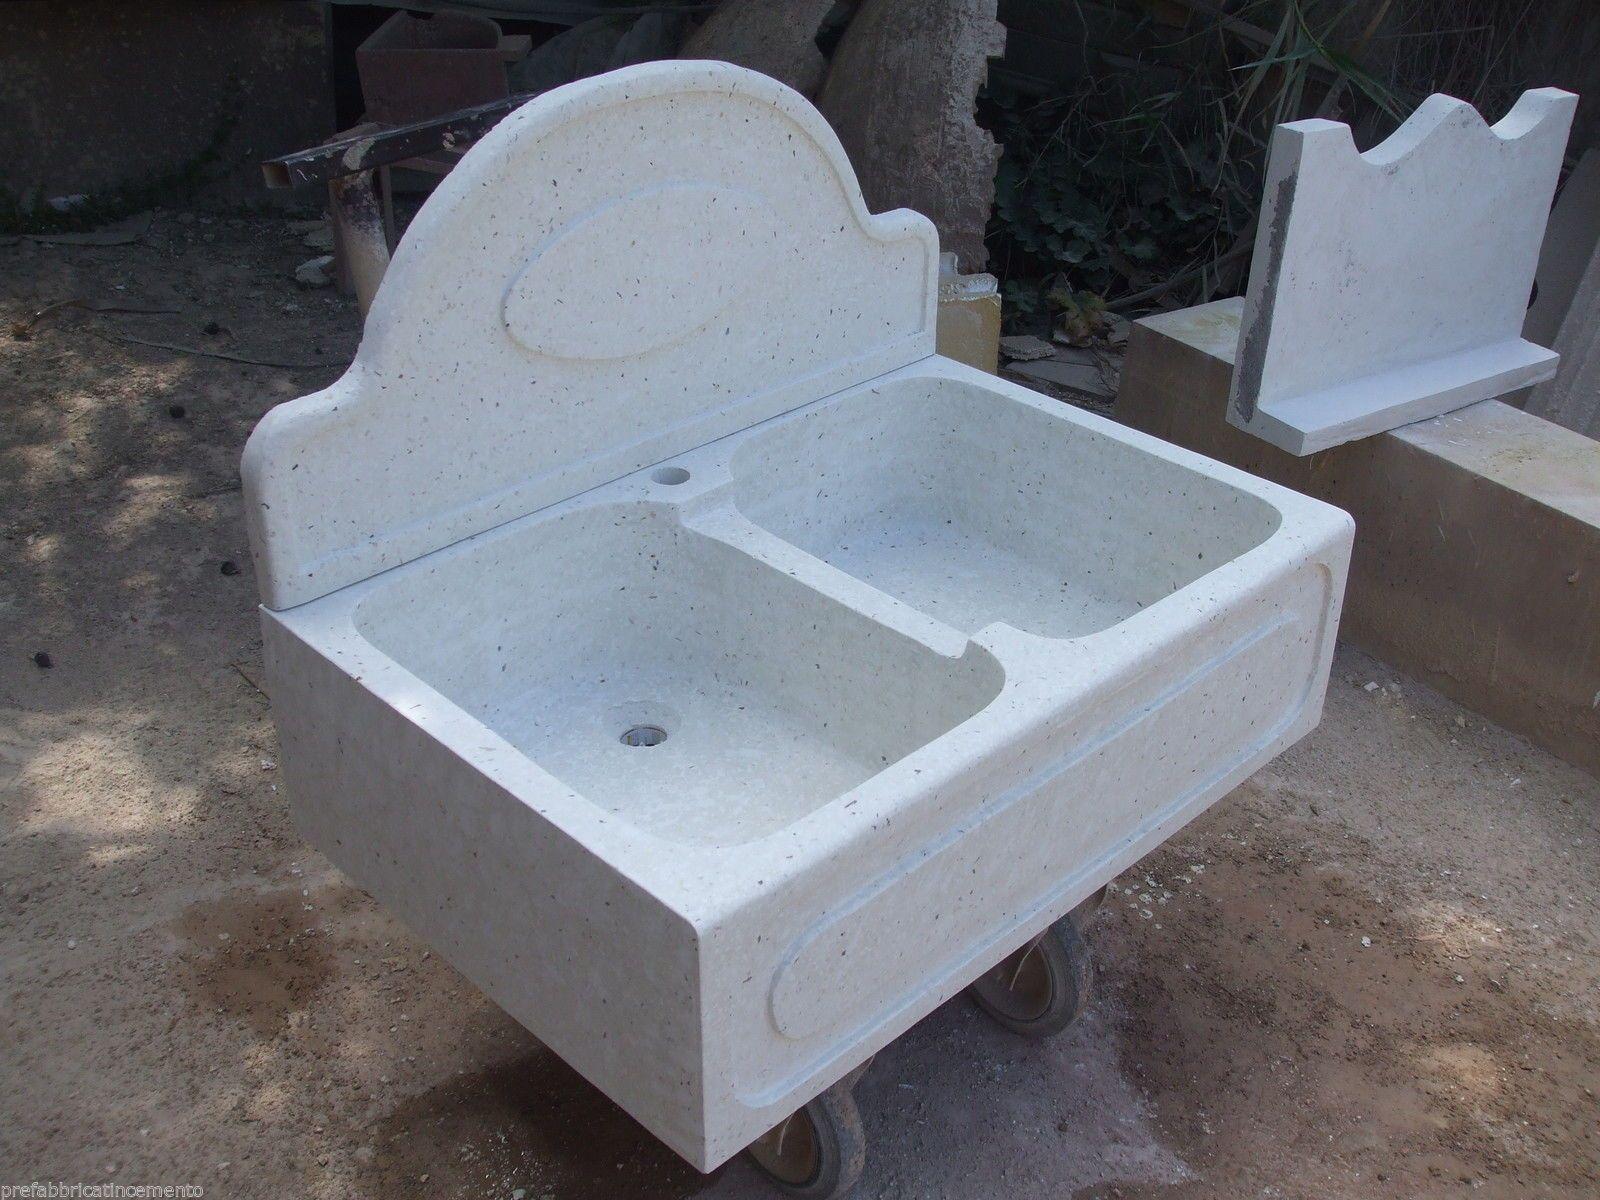 Lavelli Cucina In Graniglia.Lavello In Cemento E Graniglia Di Marmo Di Carrara Di Colore Bianco